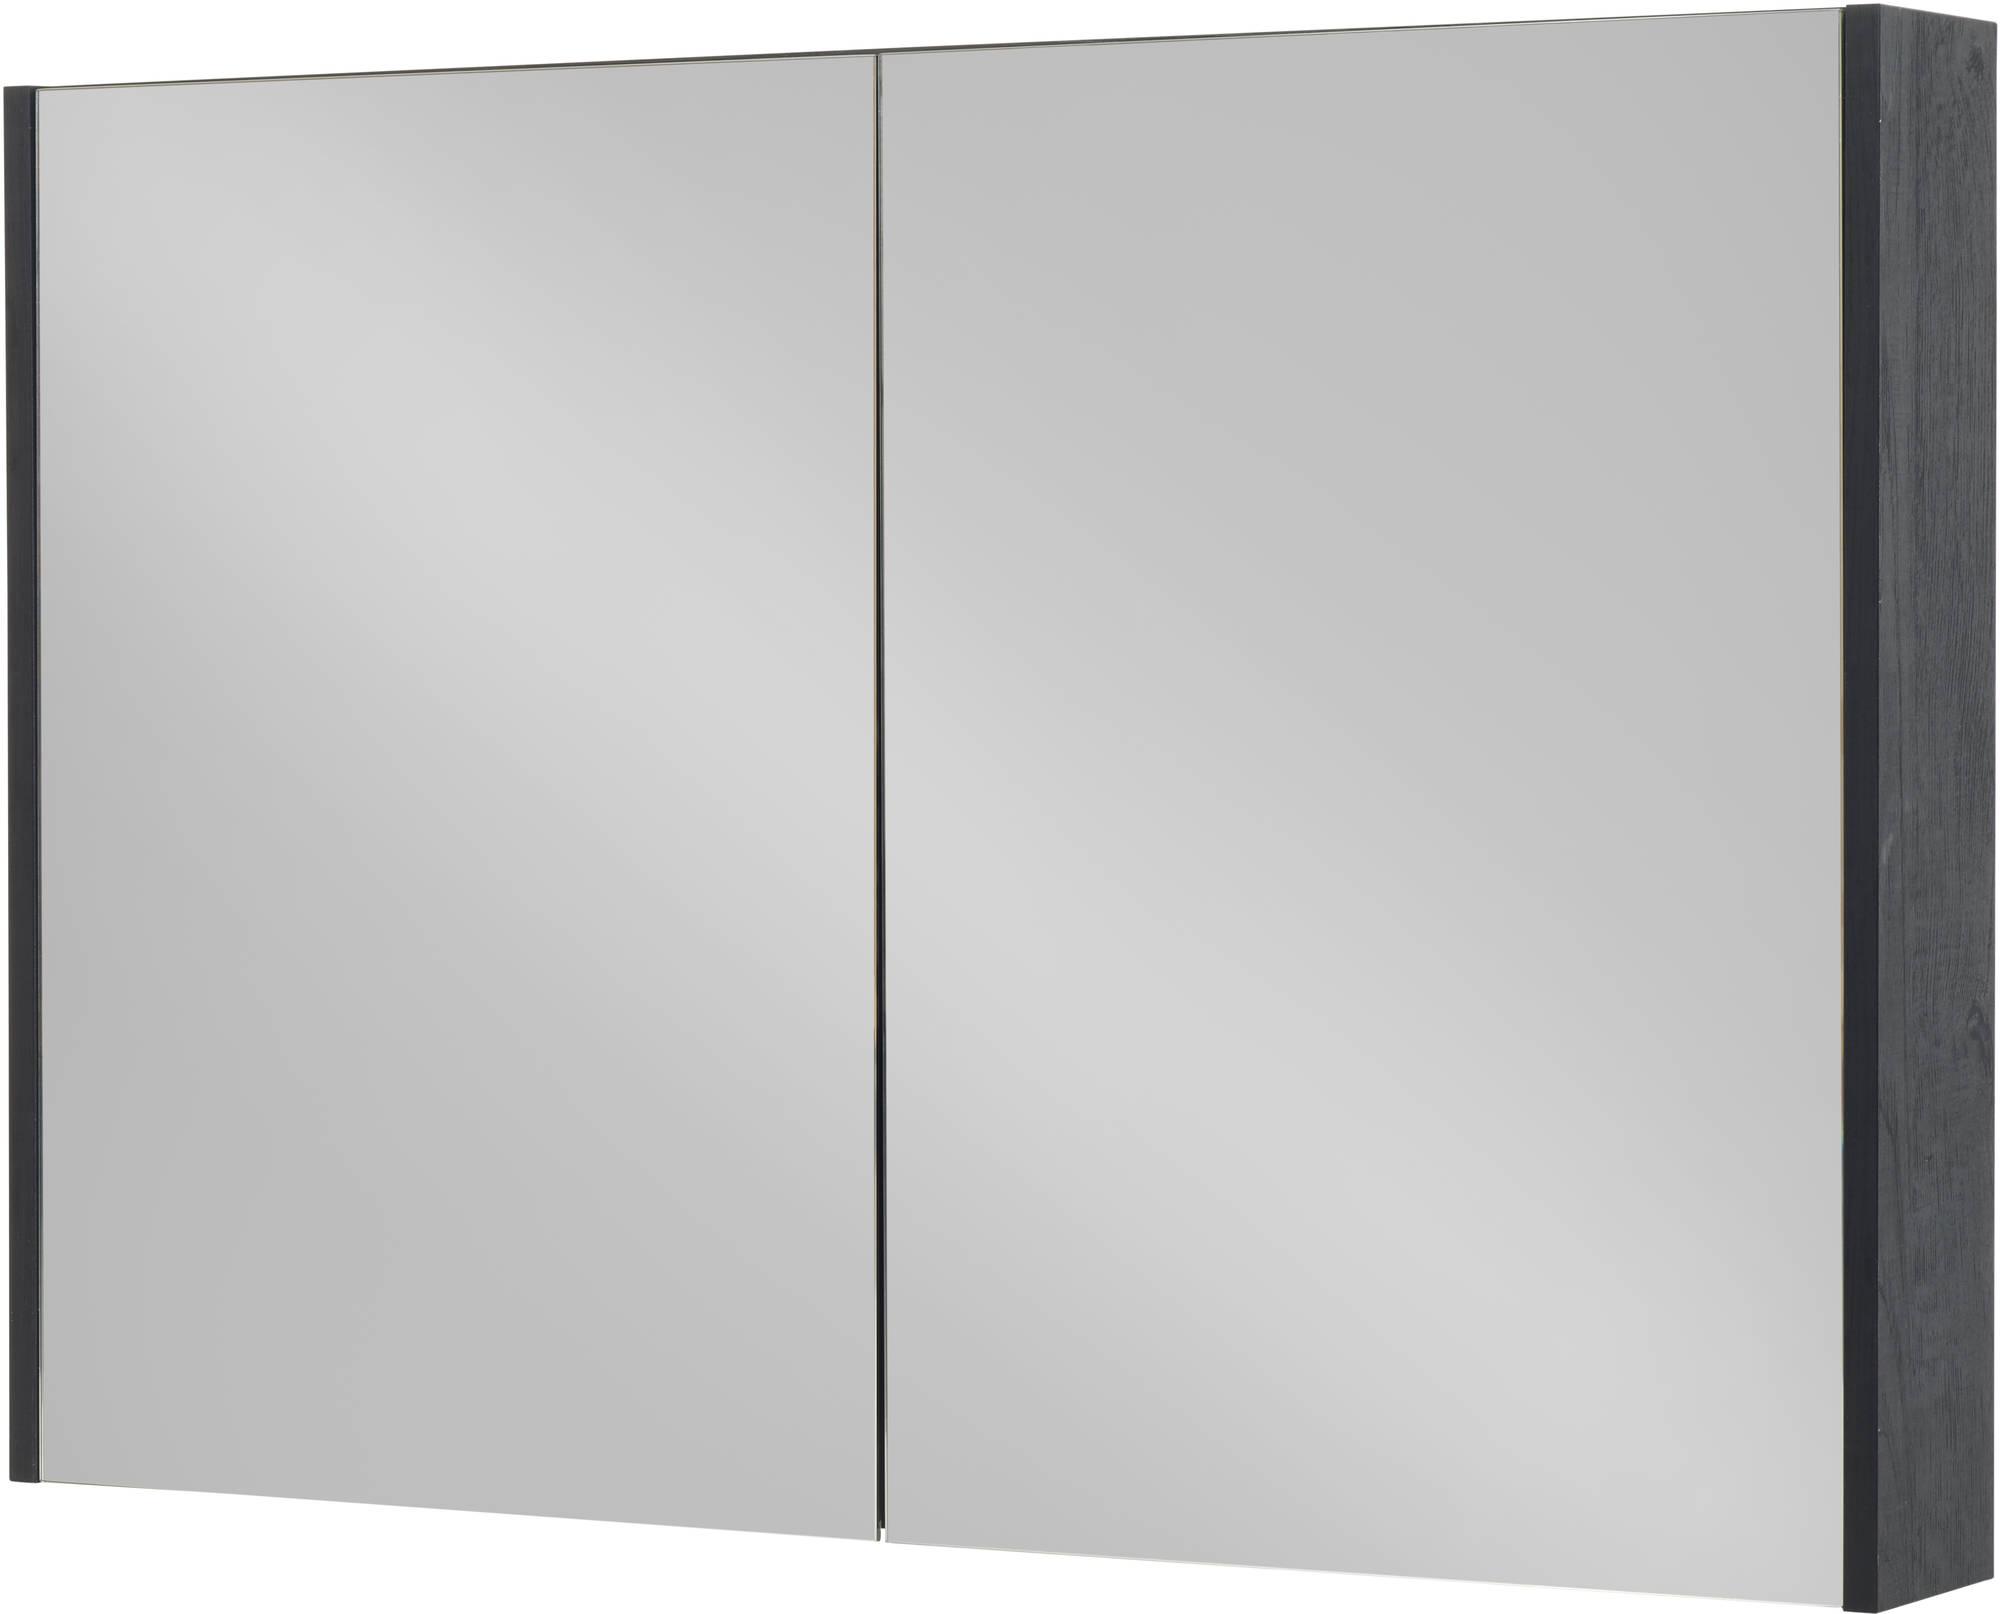 Saniselect Socan Spiegelkast 120x14x70 cm Eiken Zwart